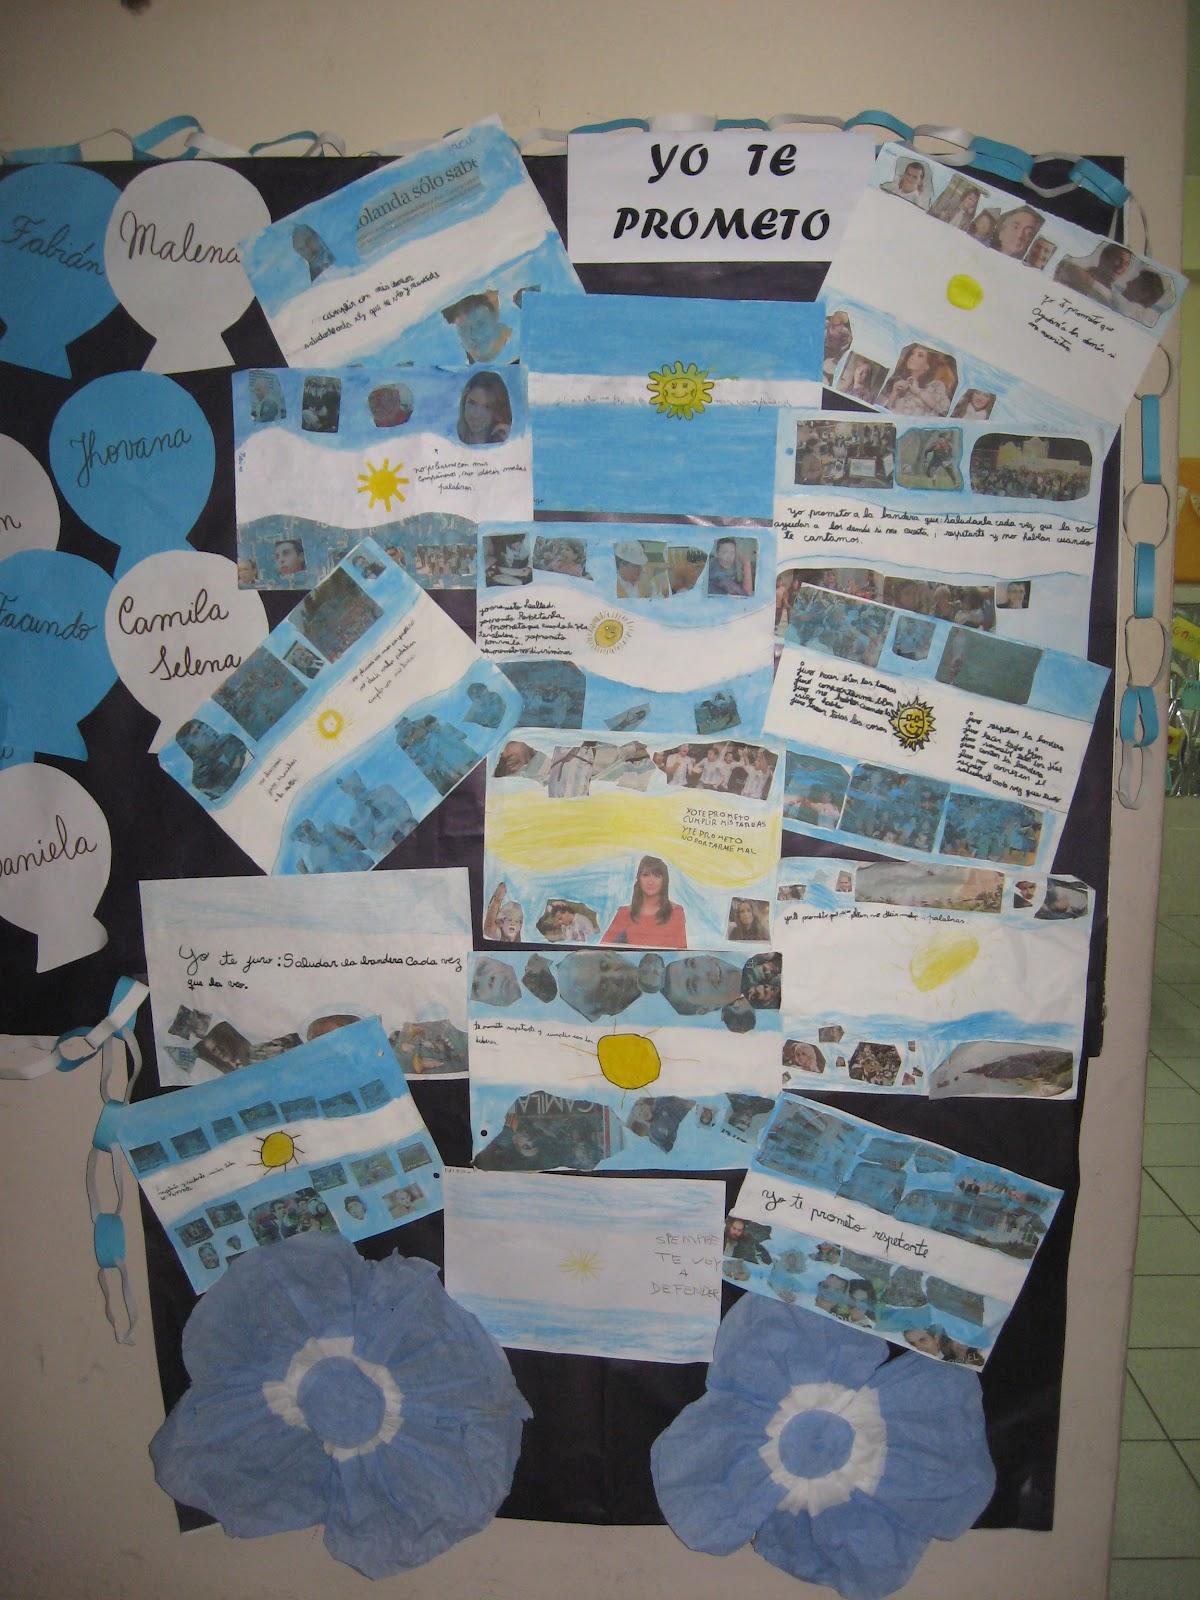 Biblioteca pablo a pizzurno escuela n 11 de 12 carteleras for Decoracion 9 de julio